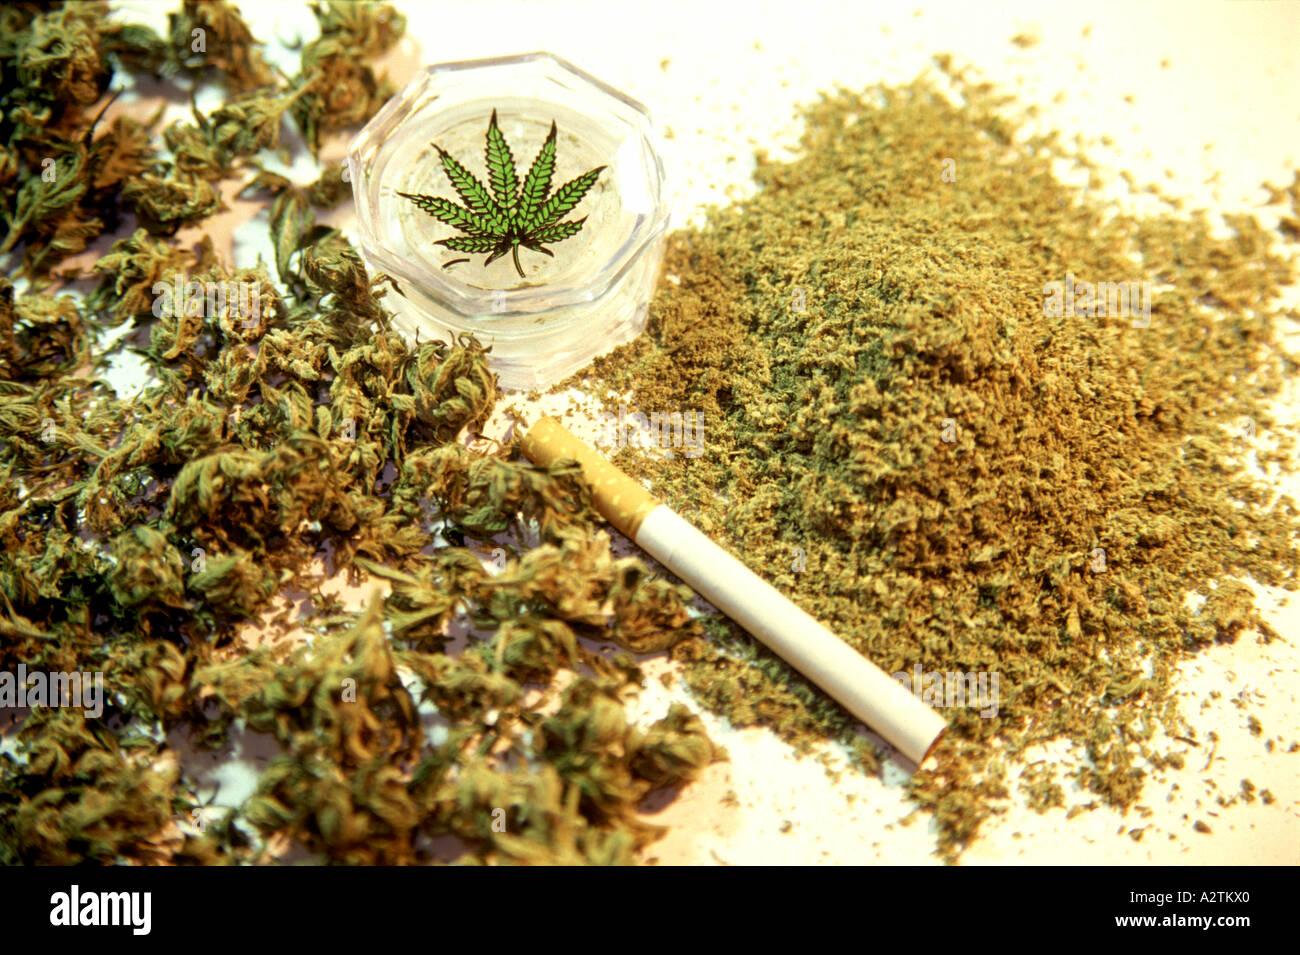 План конопля марихуана значение конопли когда куришь